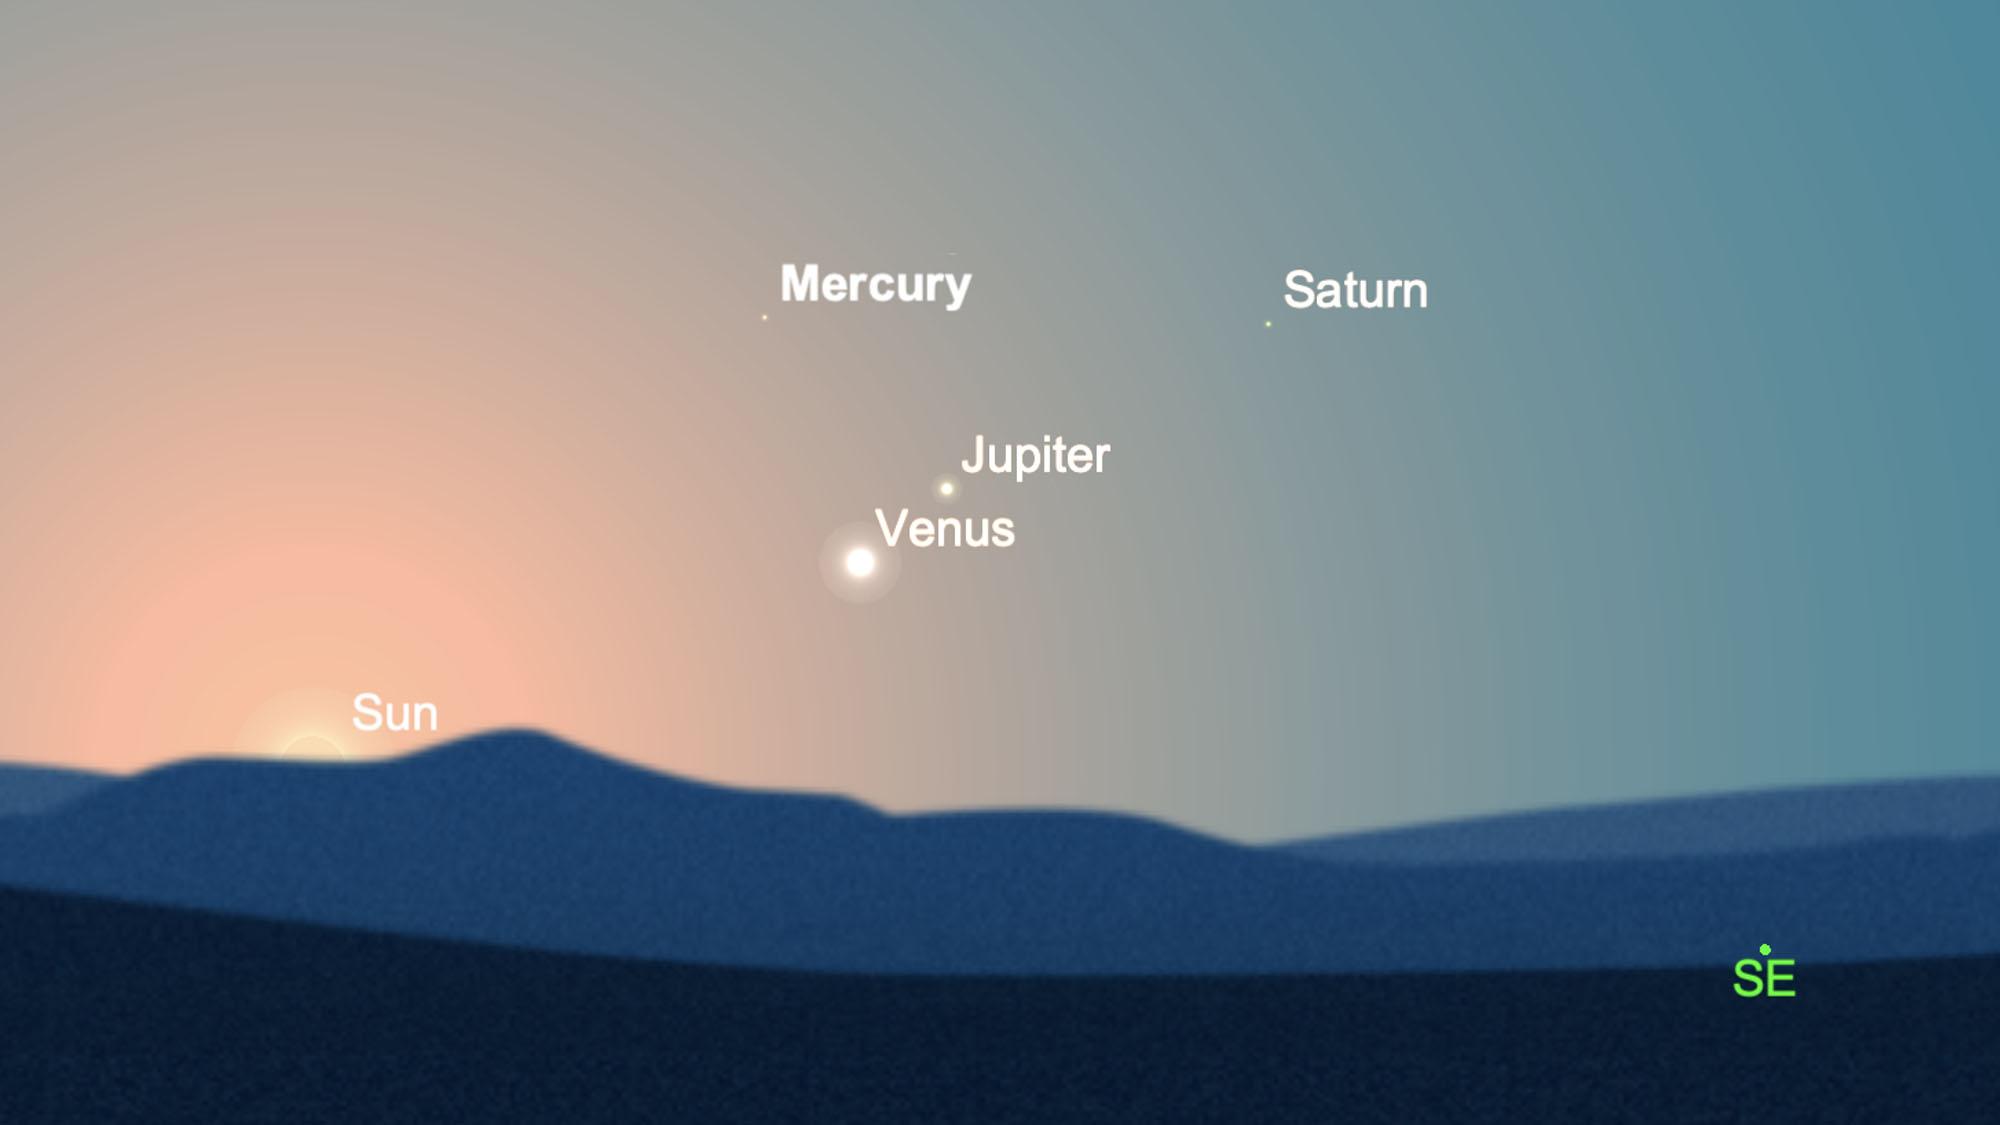 La planète insaisissable Mercure rejoint la scène le matin du 13 février 2021. Elle sera blottie avec Vénus, Jupiter et Saturne.